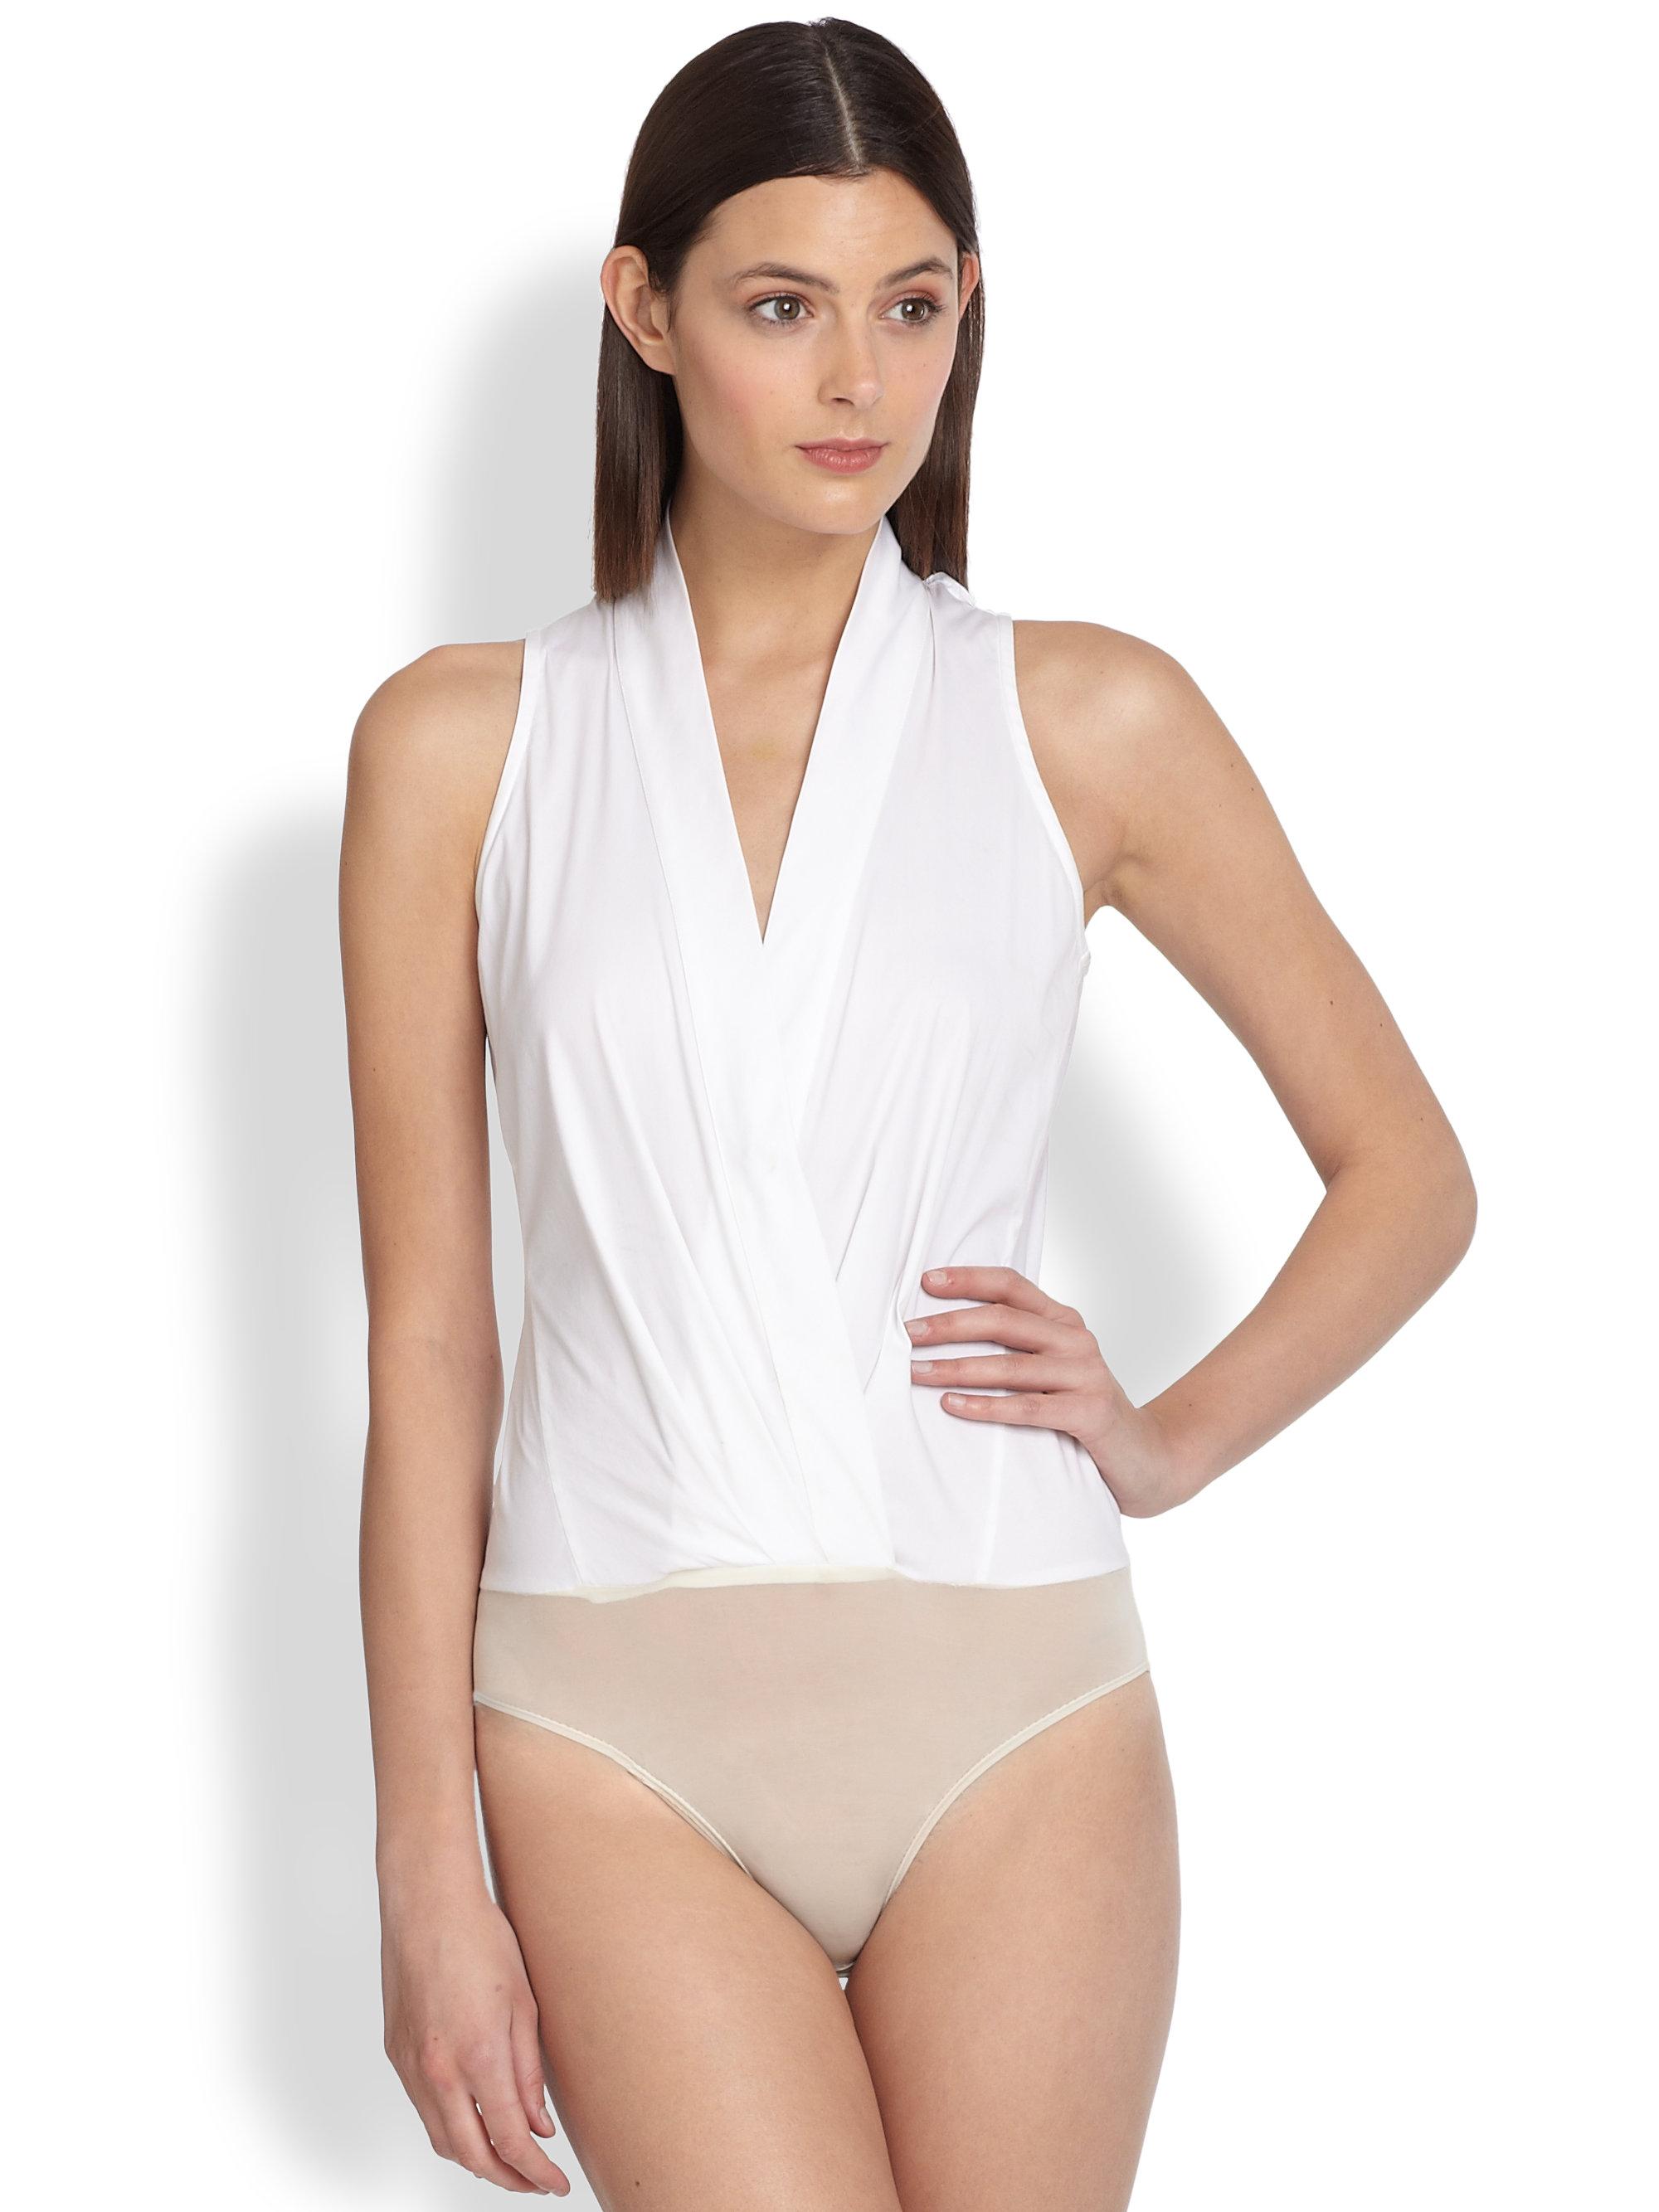 f25033542dd3 Donna Karan Wrap Bodysuit in White - Lyst